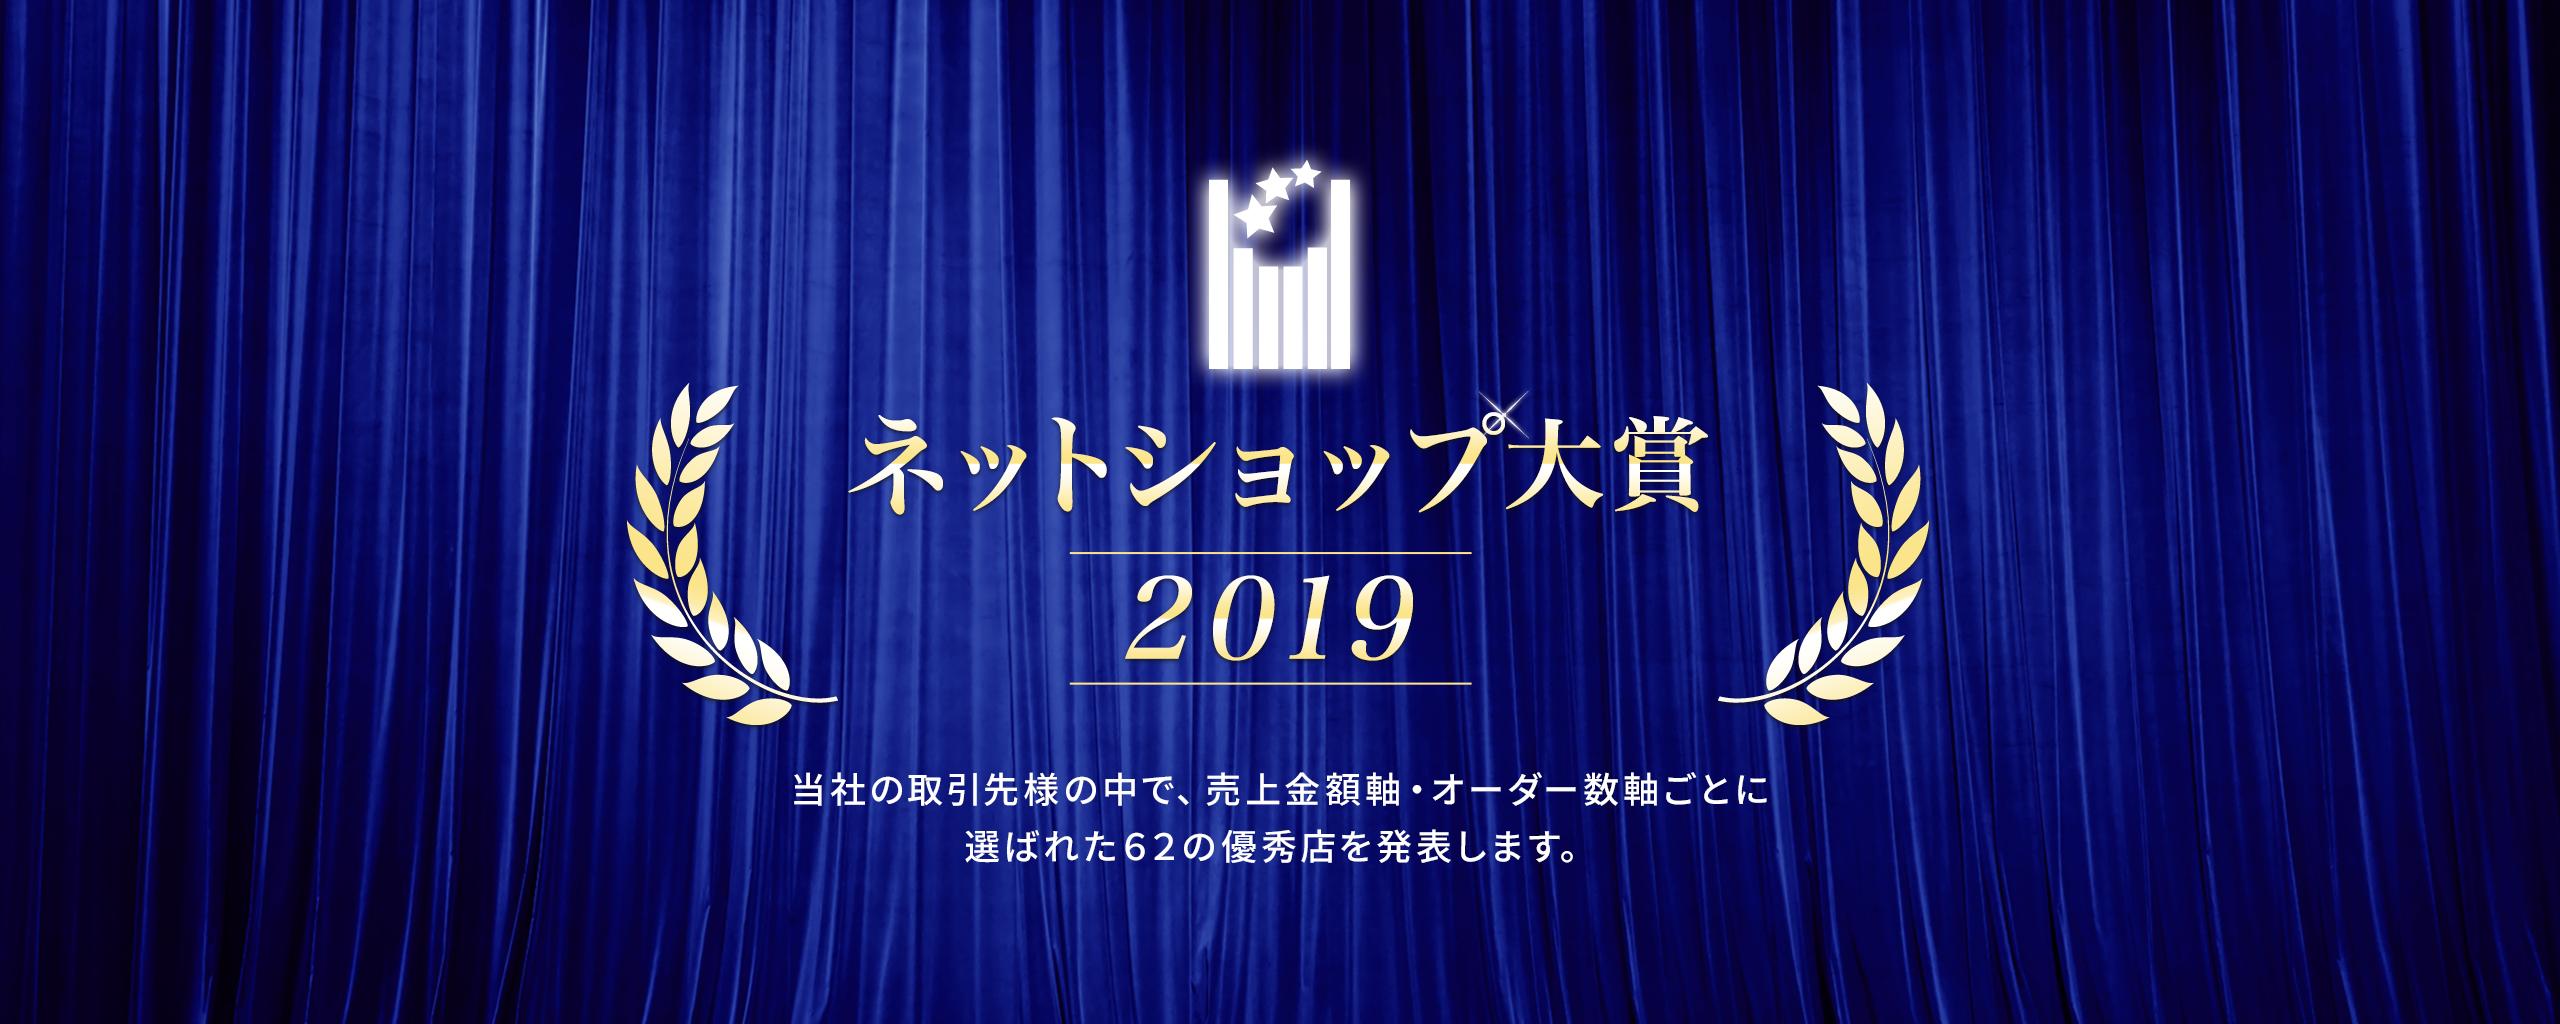 ネットショップ大賞2020 家電・AV機器部門 金賞受賞!